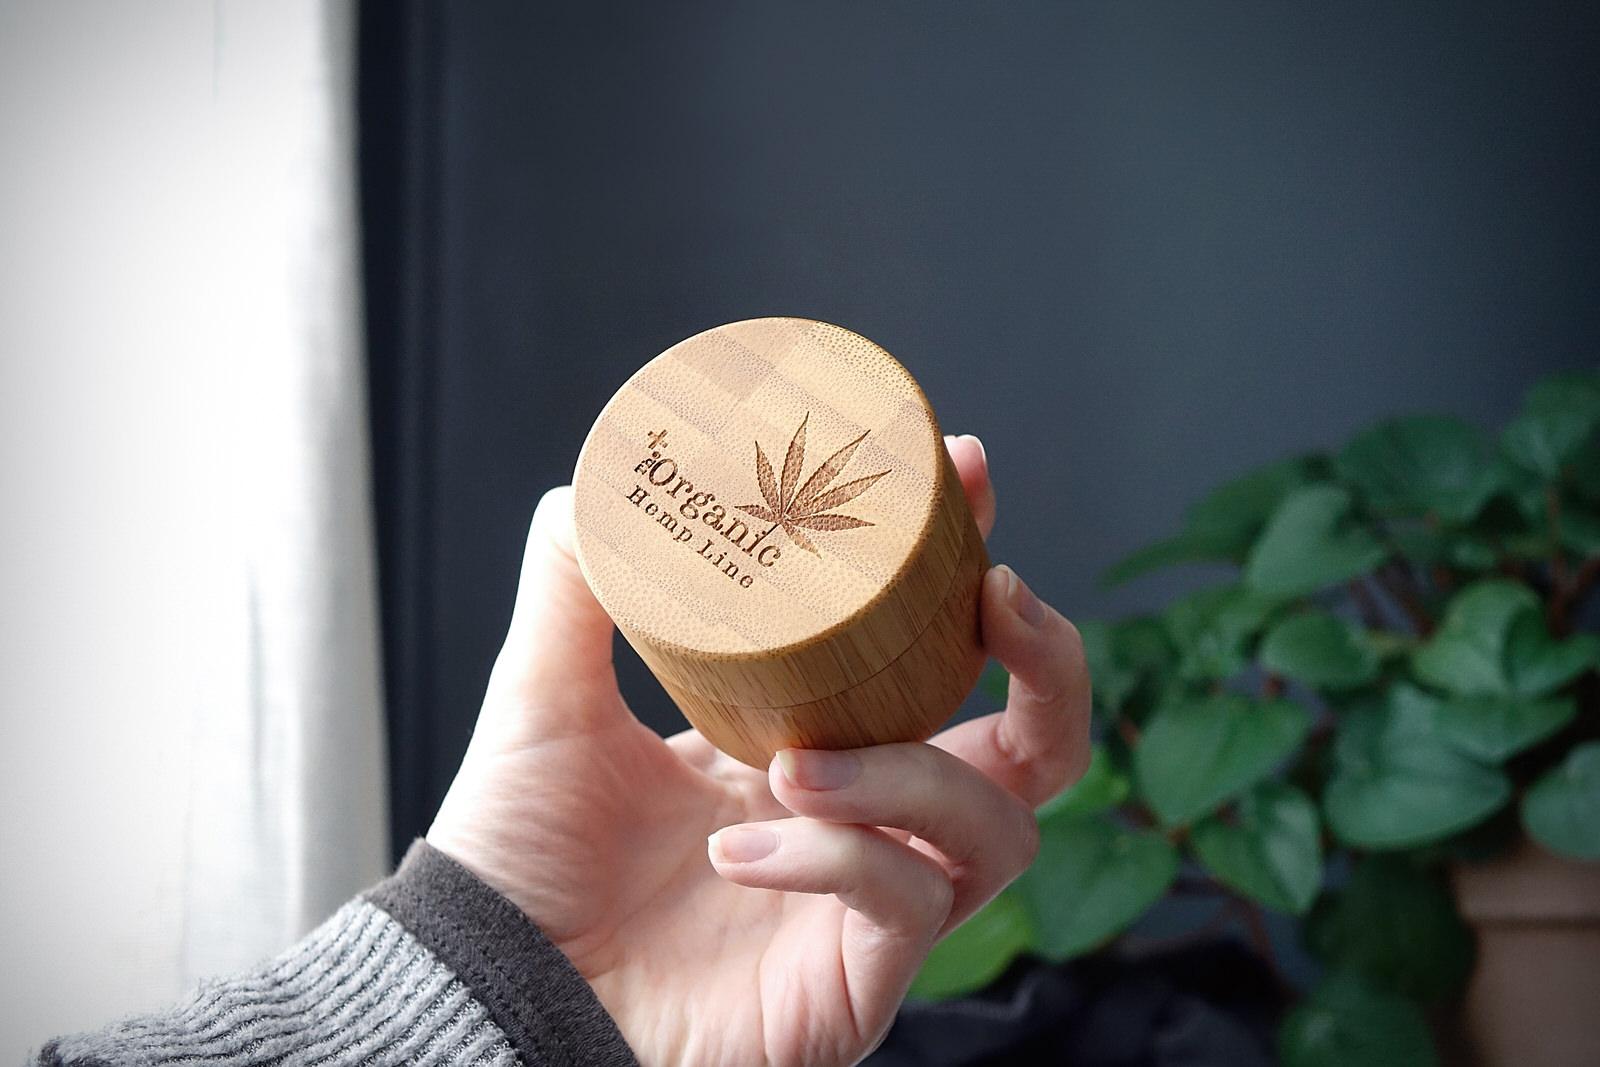 Des soins visage au chanvre de Organic